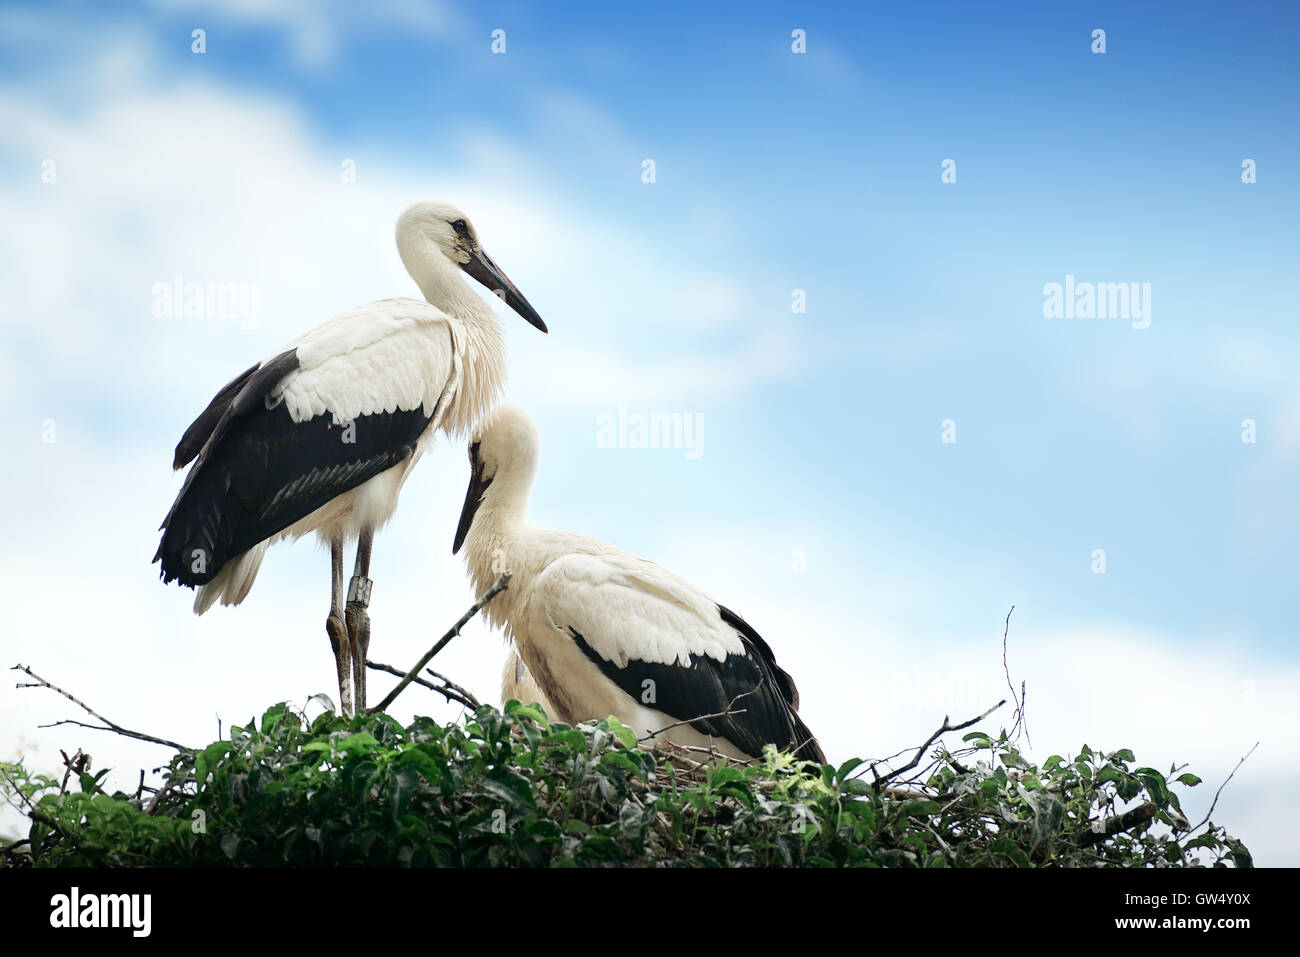 Störche im Nest auf dem Hintergrund der bewölkten Himmel Stockfoto